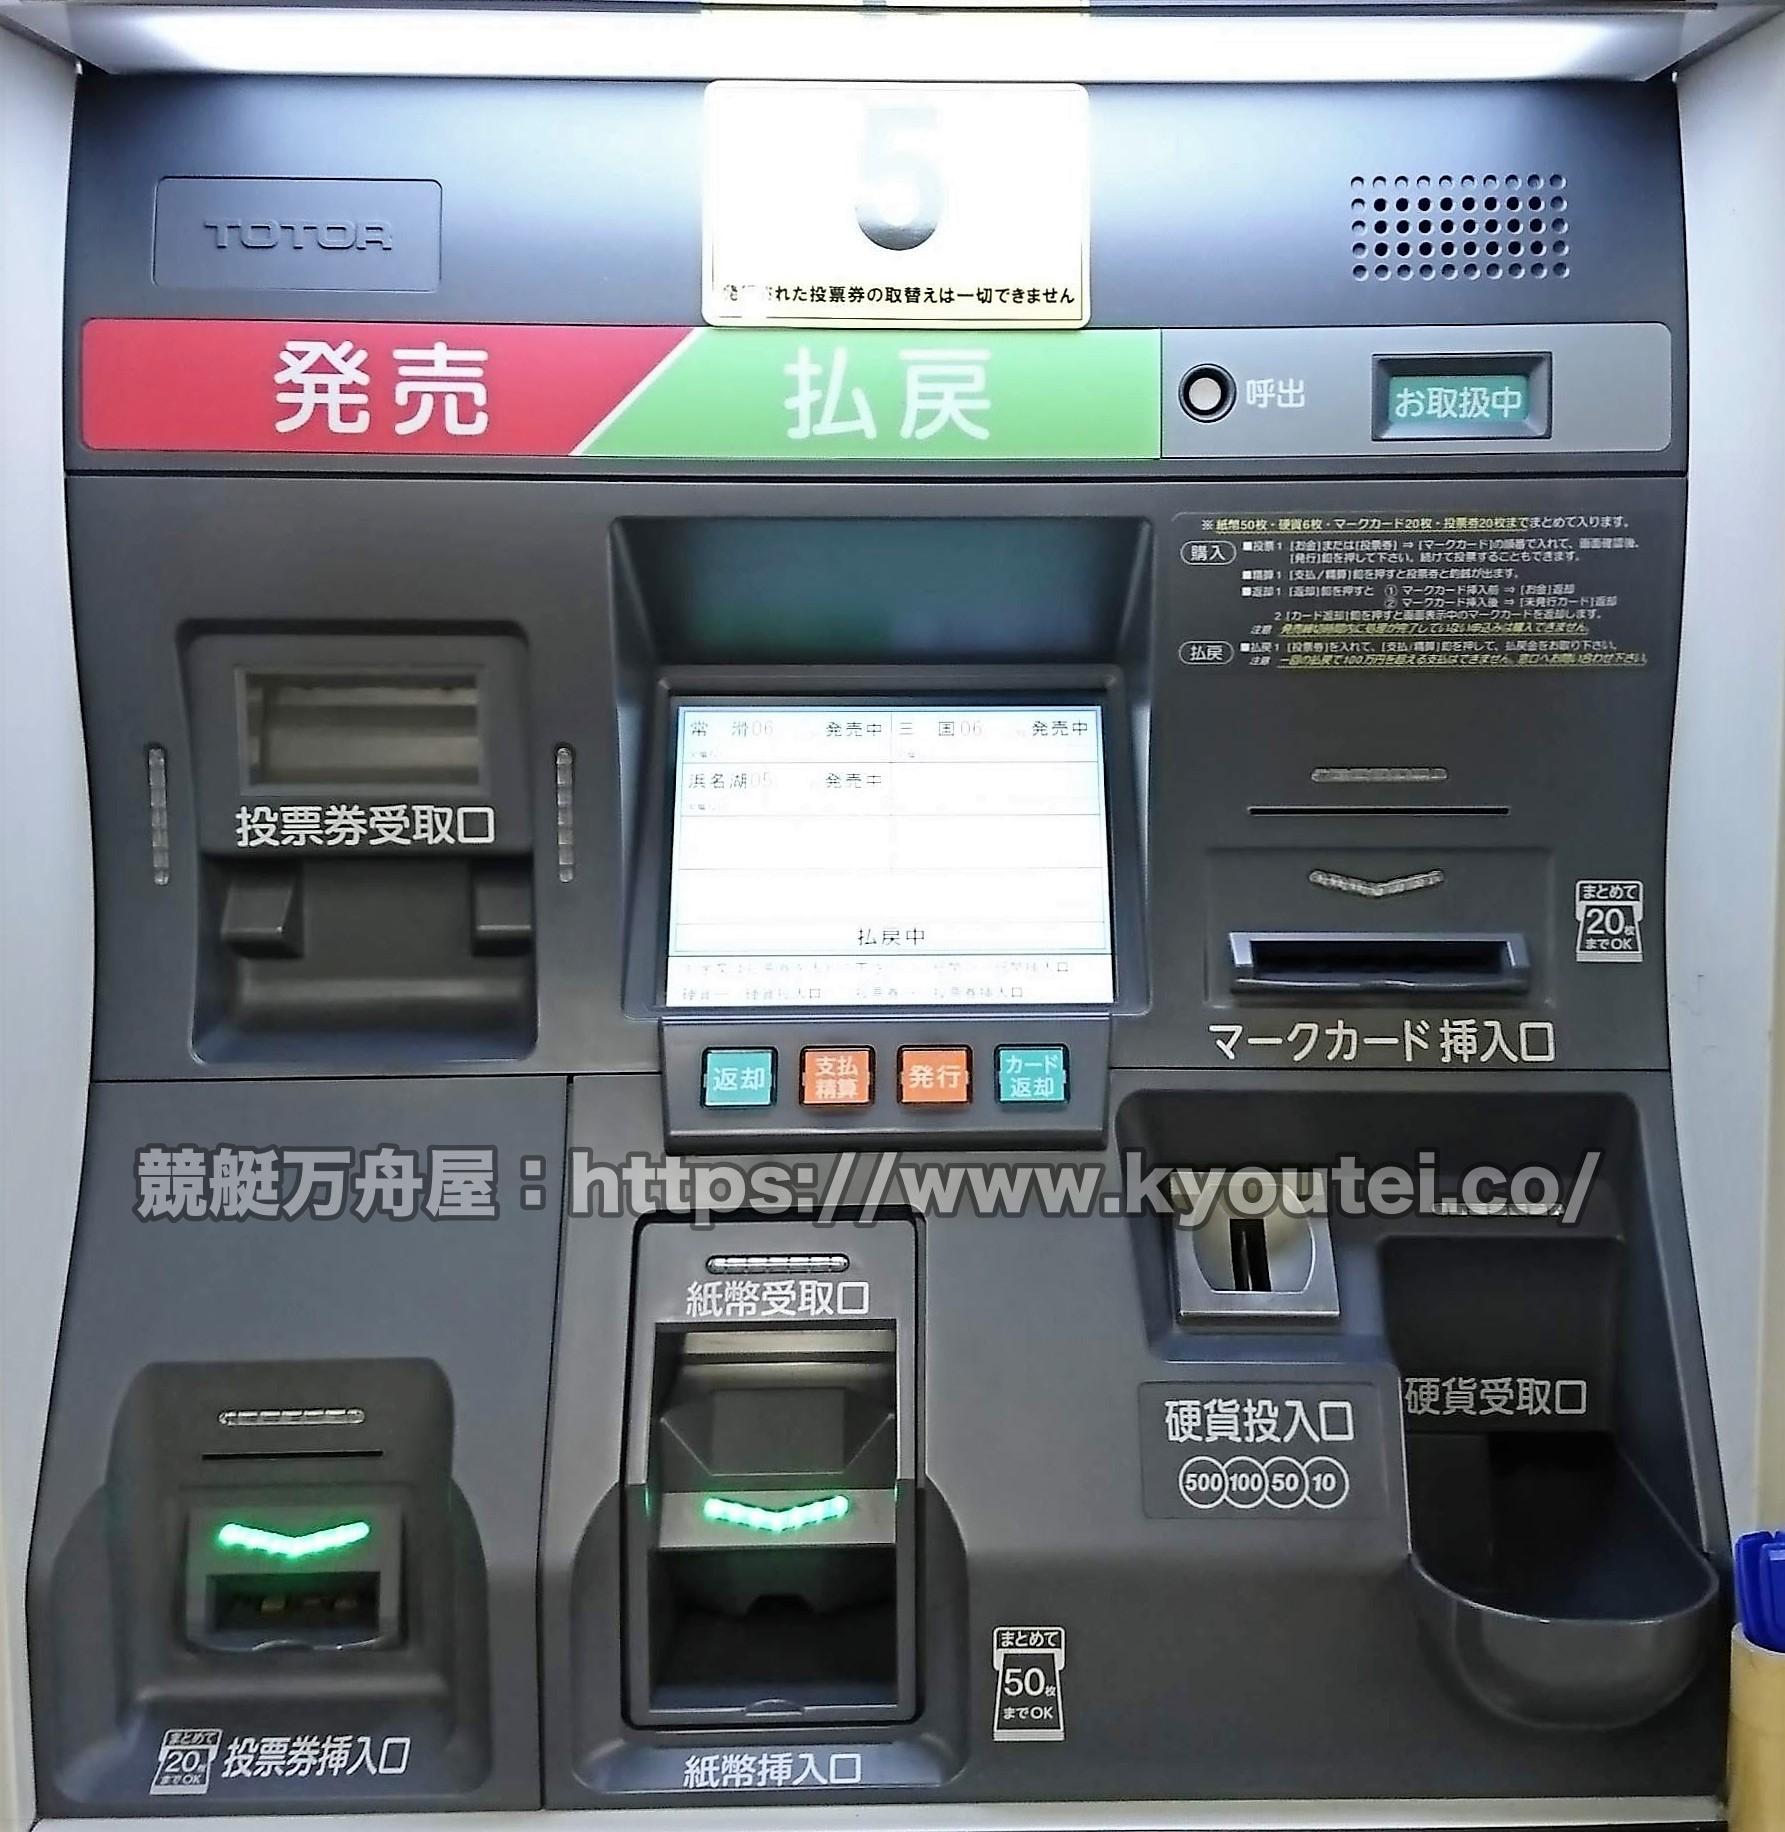 トーター製の券売機